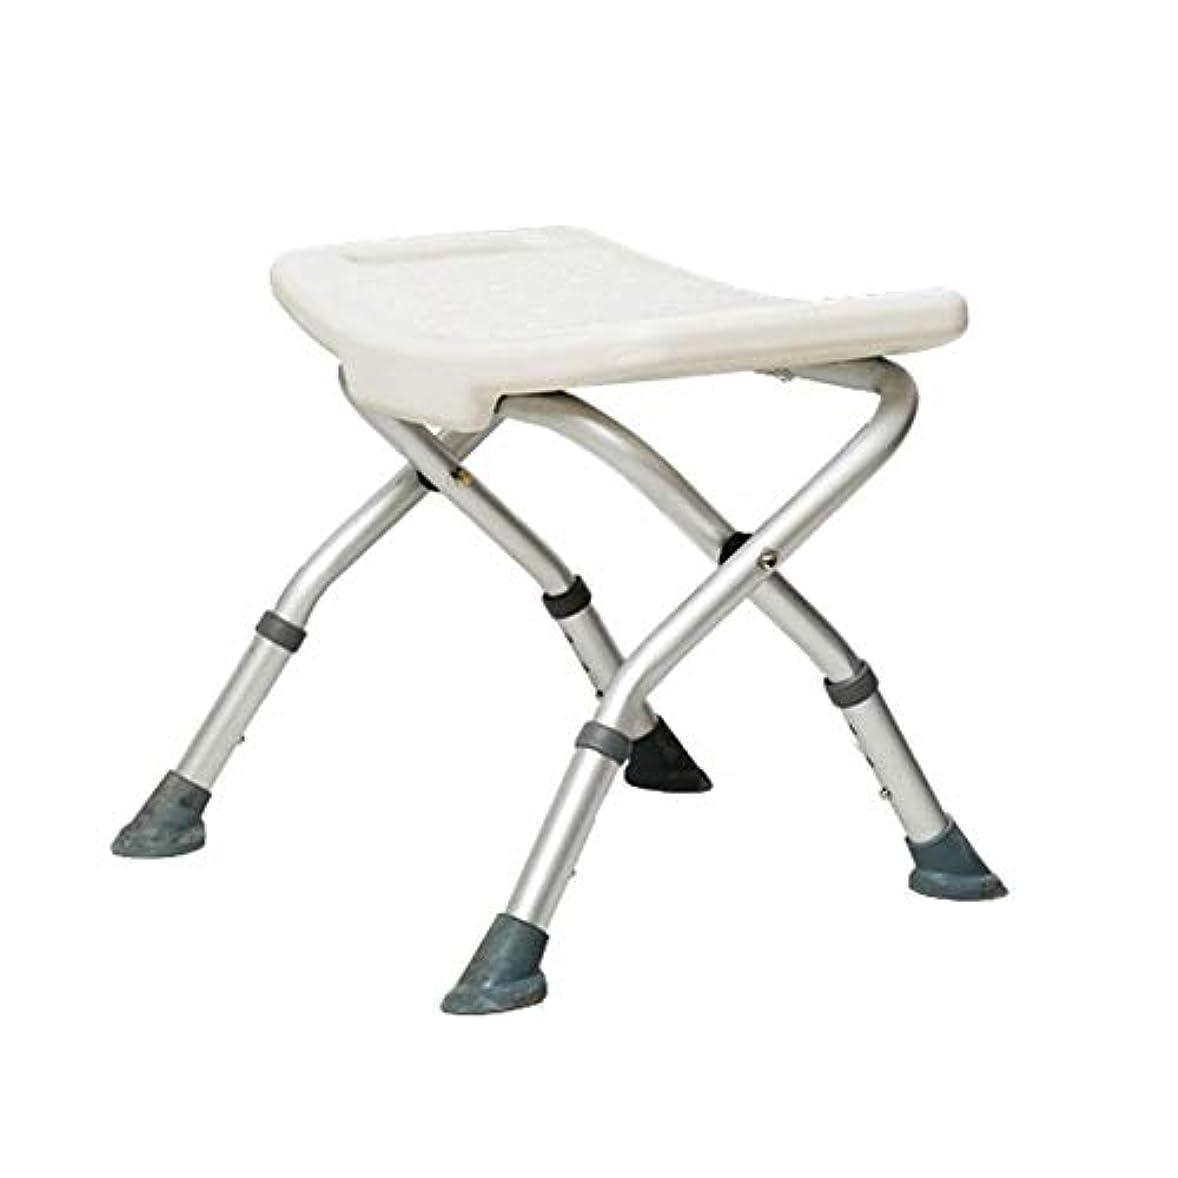 ためらうシャークまつげトイレチェアハンディキャップ用折りたたみ椅子